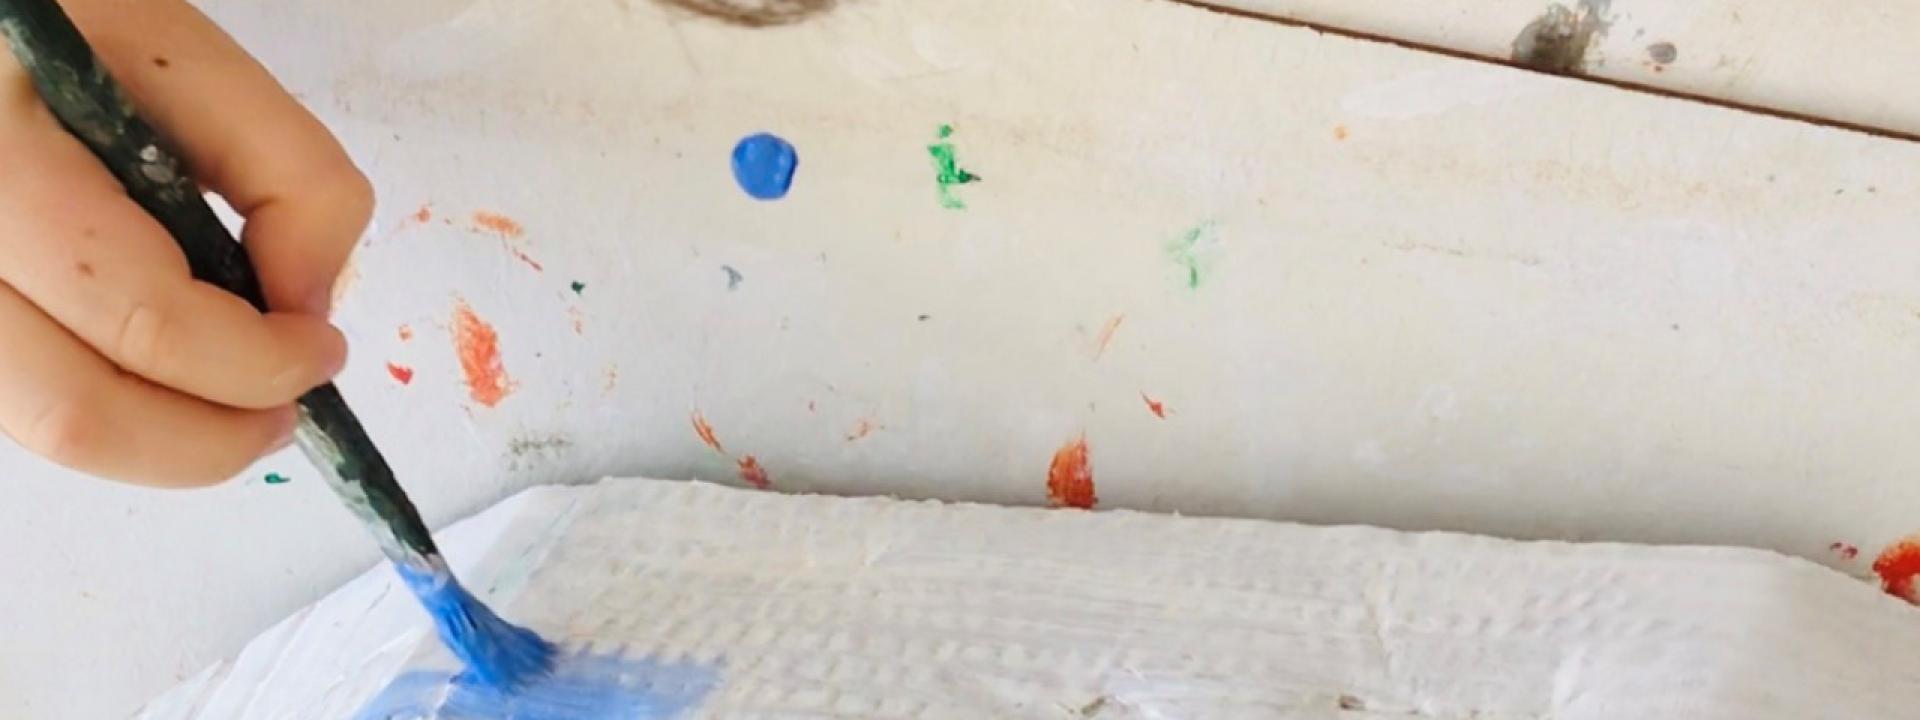 Φωτογραφία από μαθήματα ζωγραφικής